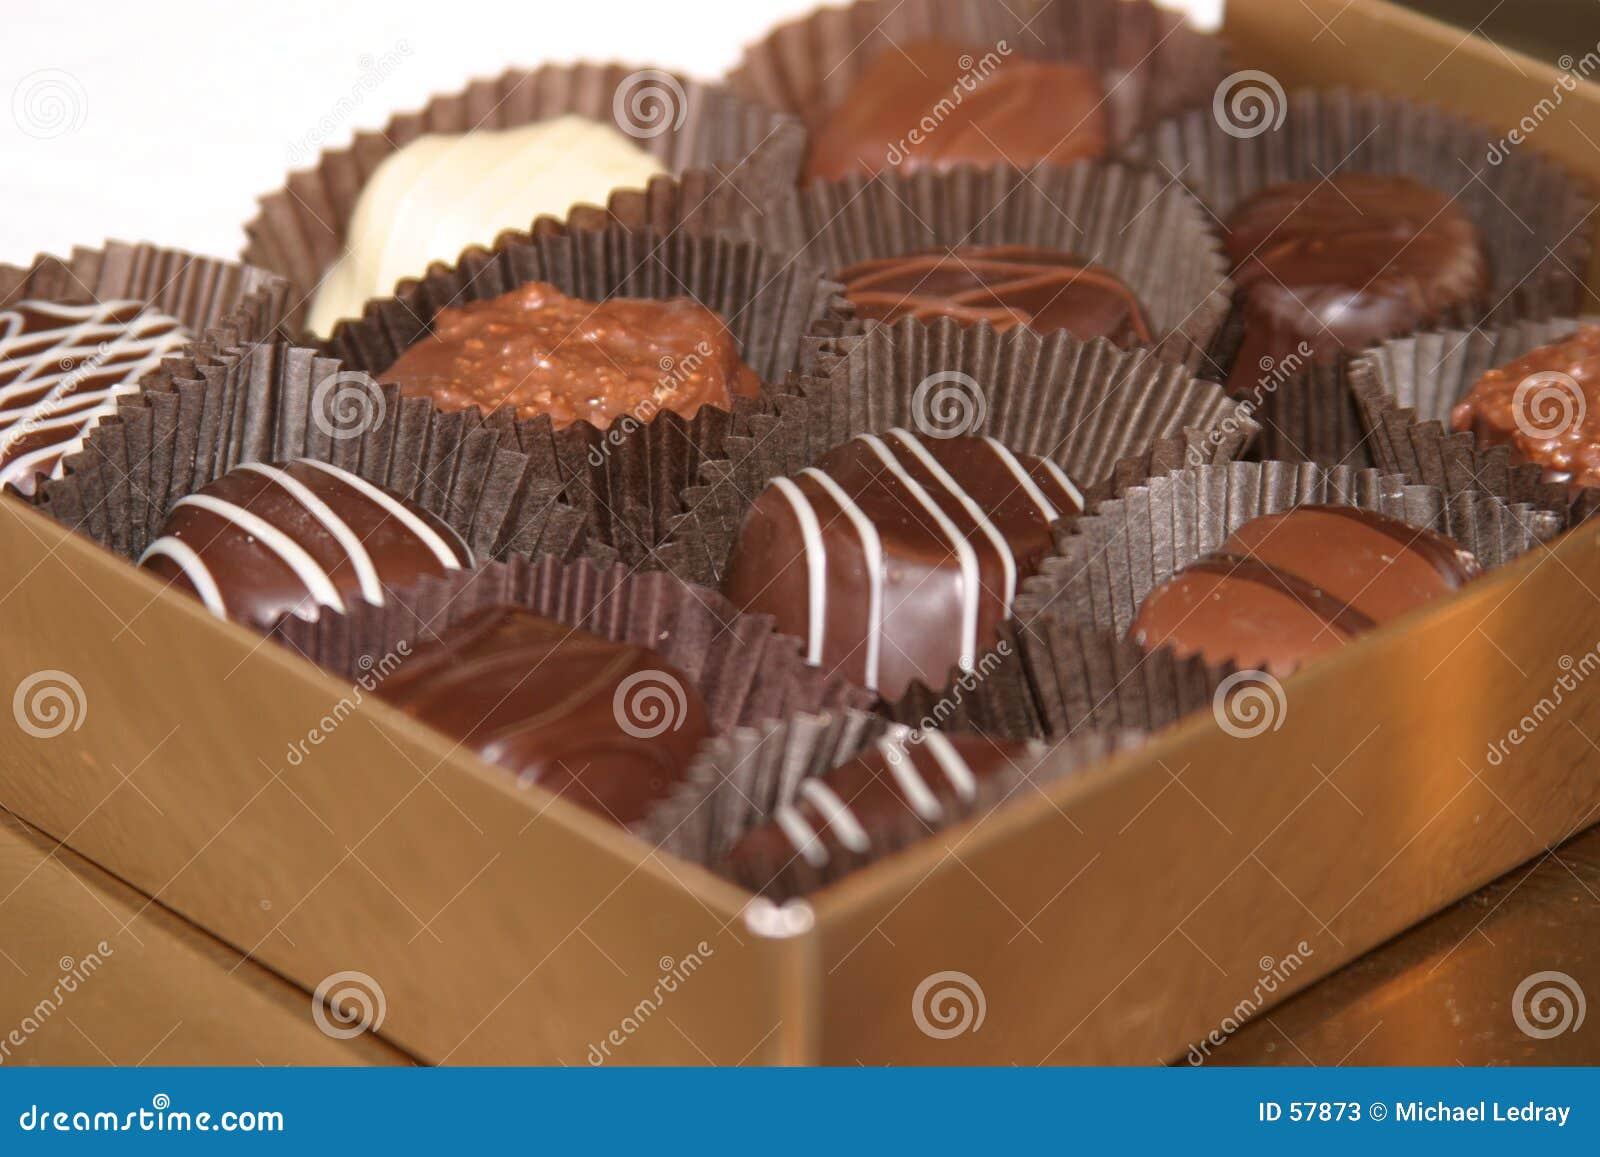 βαλεντίνος 2 σοκολατών